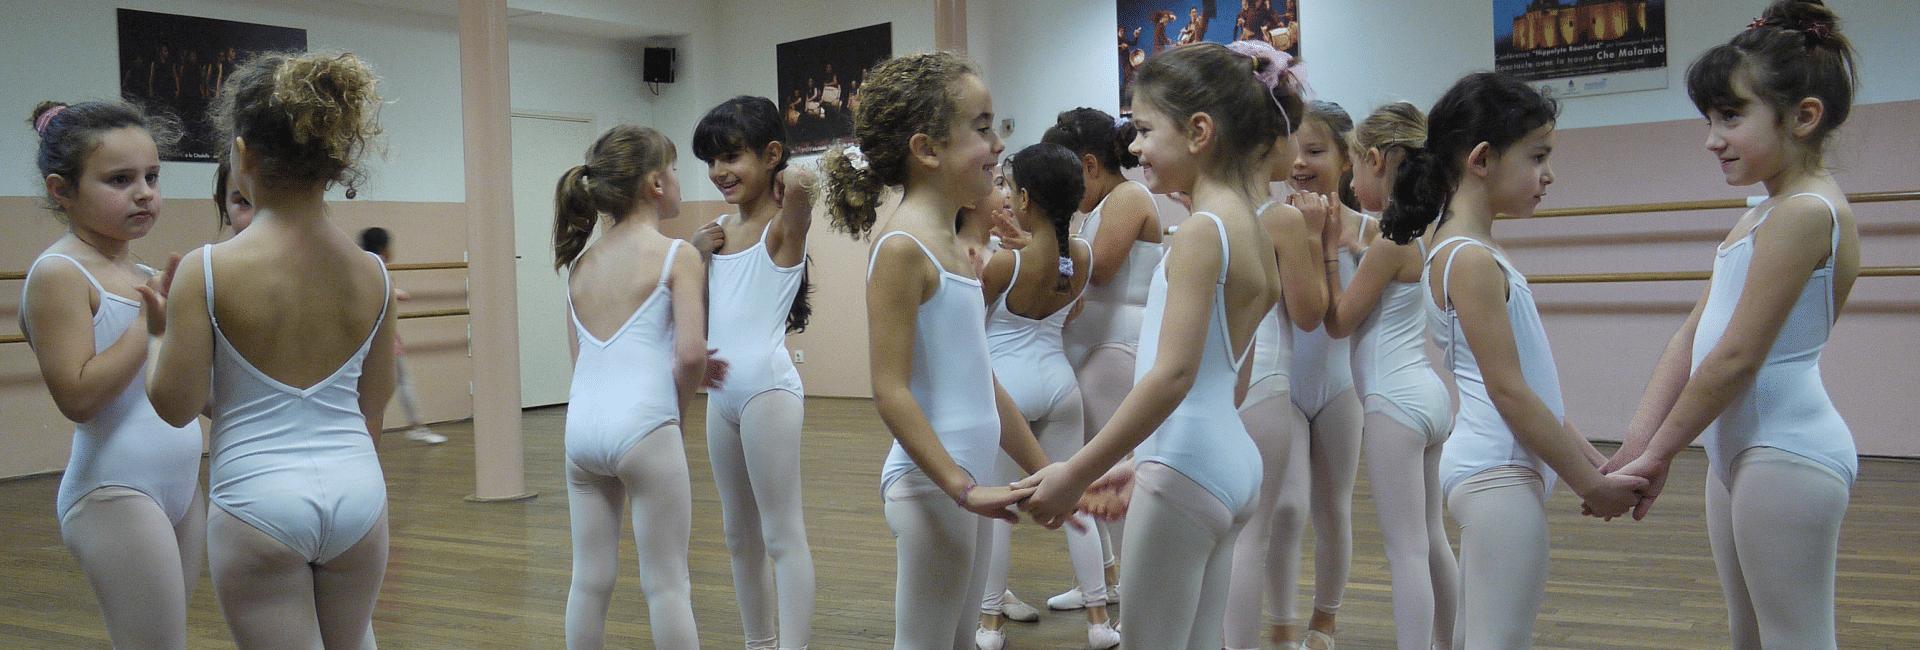 danseuses2